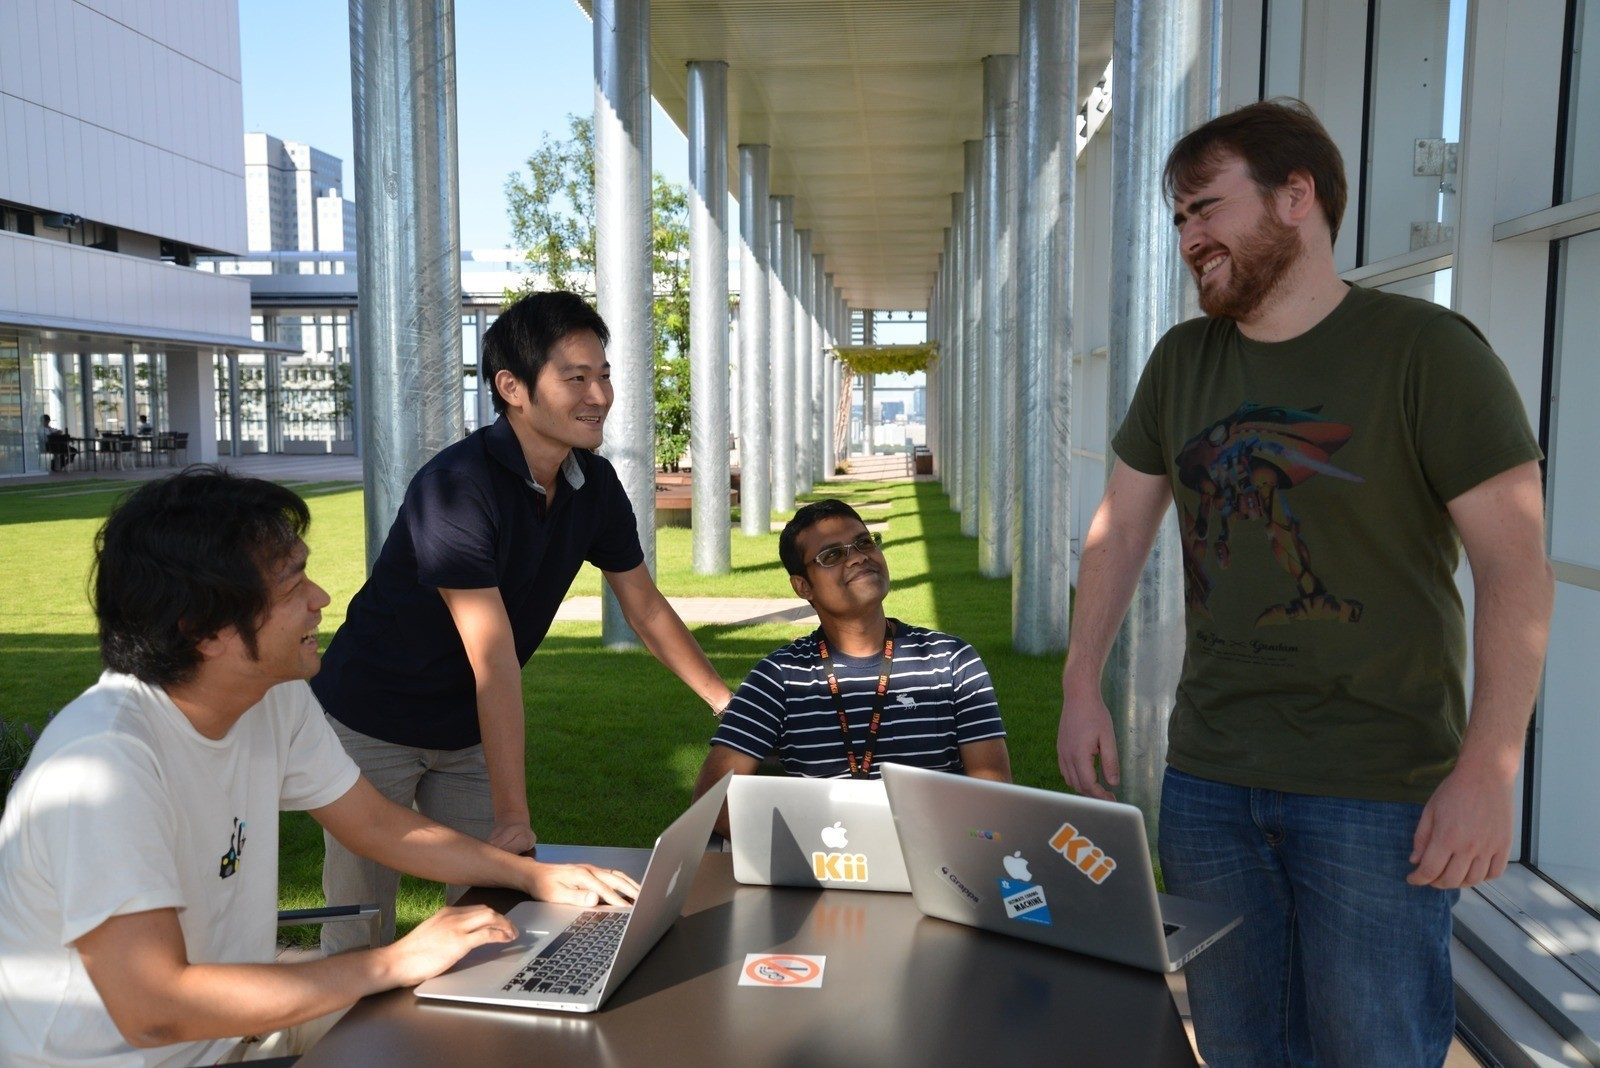 Kii株式会社・海外の複数地域でも展開中! IoT機器・モバイルアプリ向けBaaS「Kii Cloud」を開発するJavaエンジニアを募集!